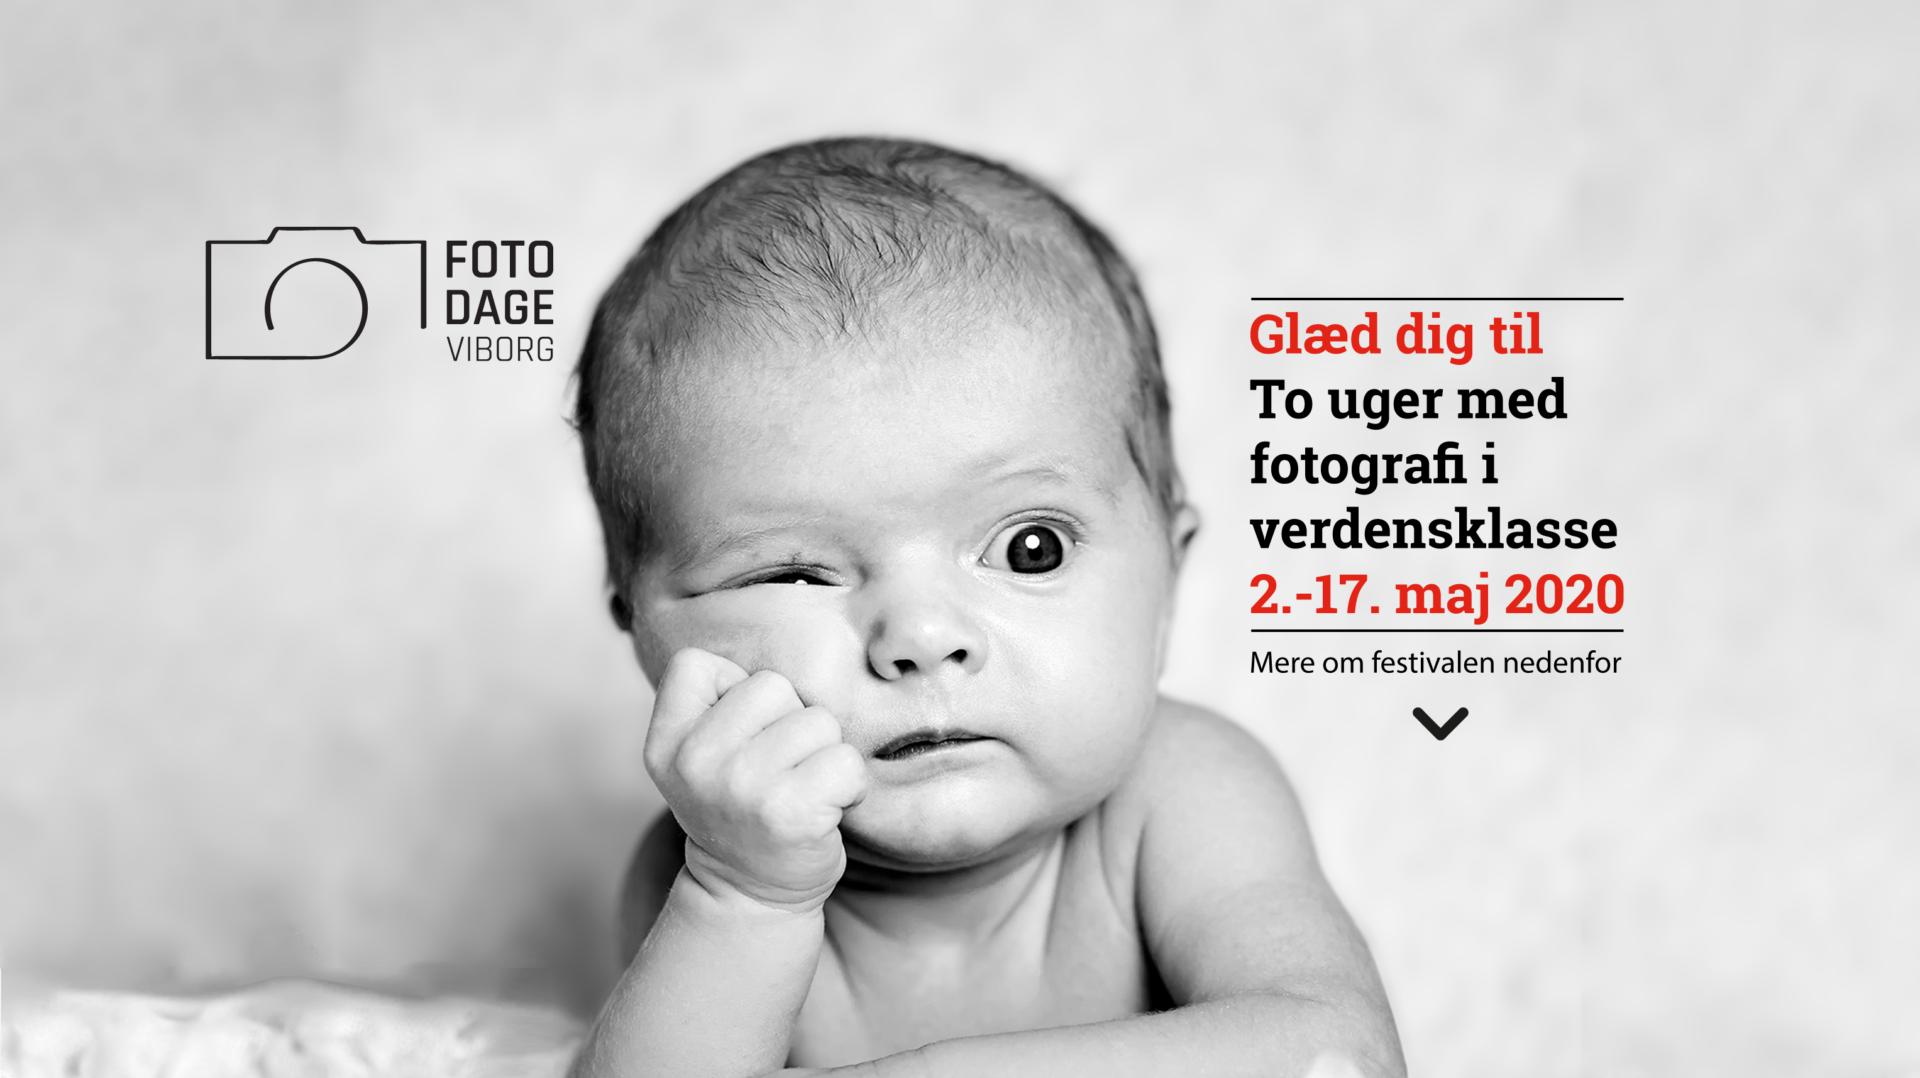 Glæd dig til Fotodage Viborg